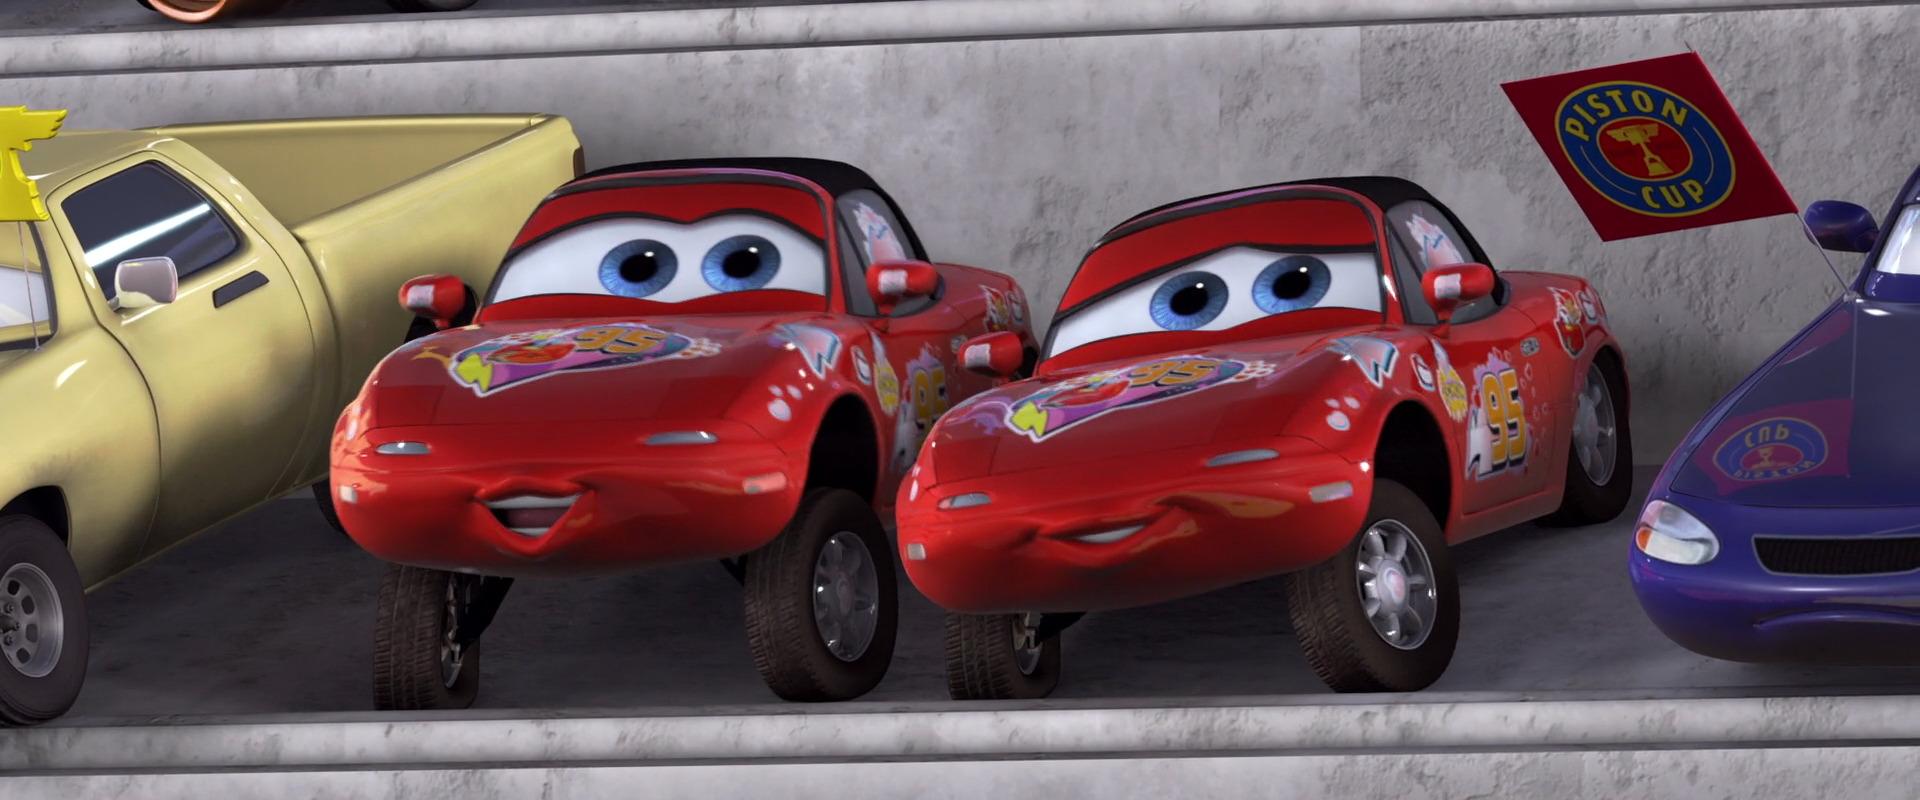 mia-tia-personnage-cars-01